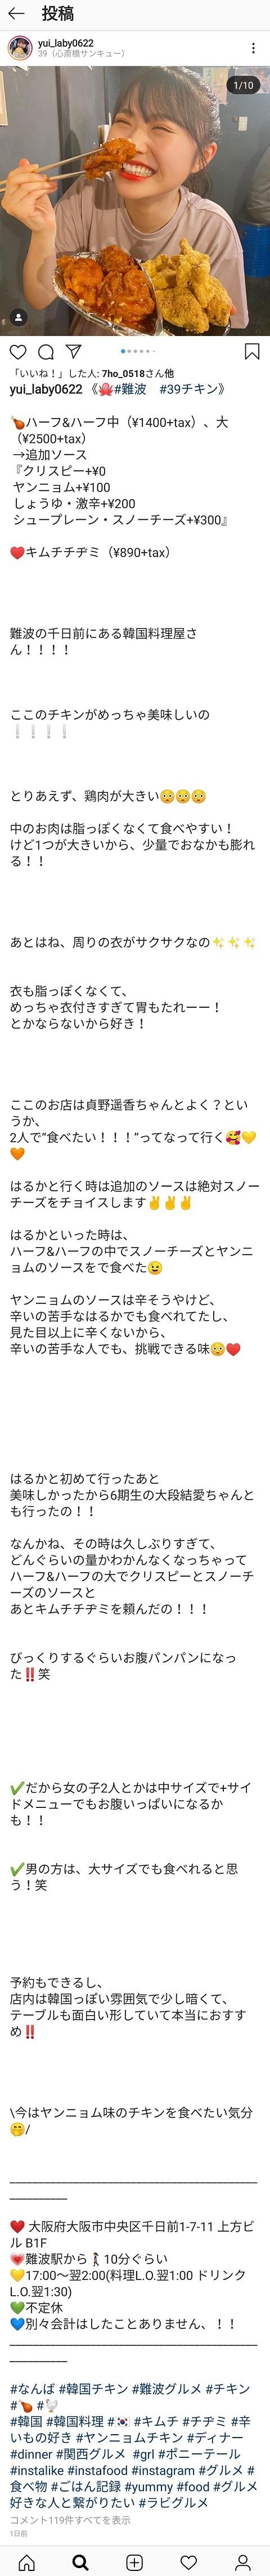 【基地外スレ】いつもの東京都「NMB48出口結菜がステマ投稿」